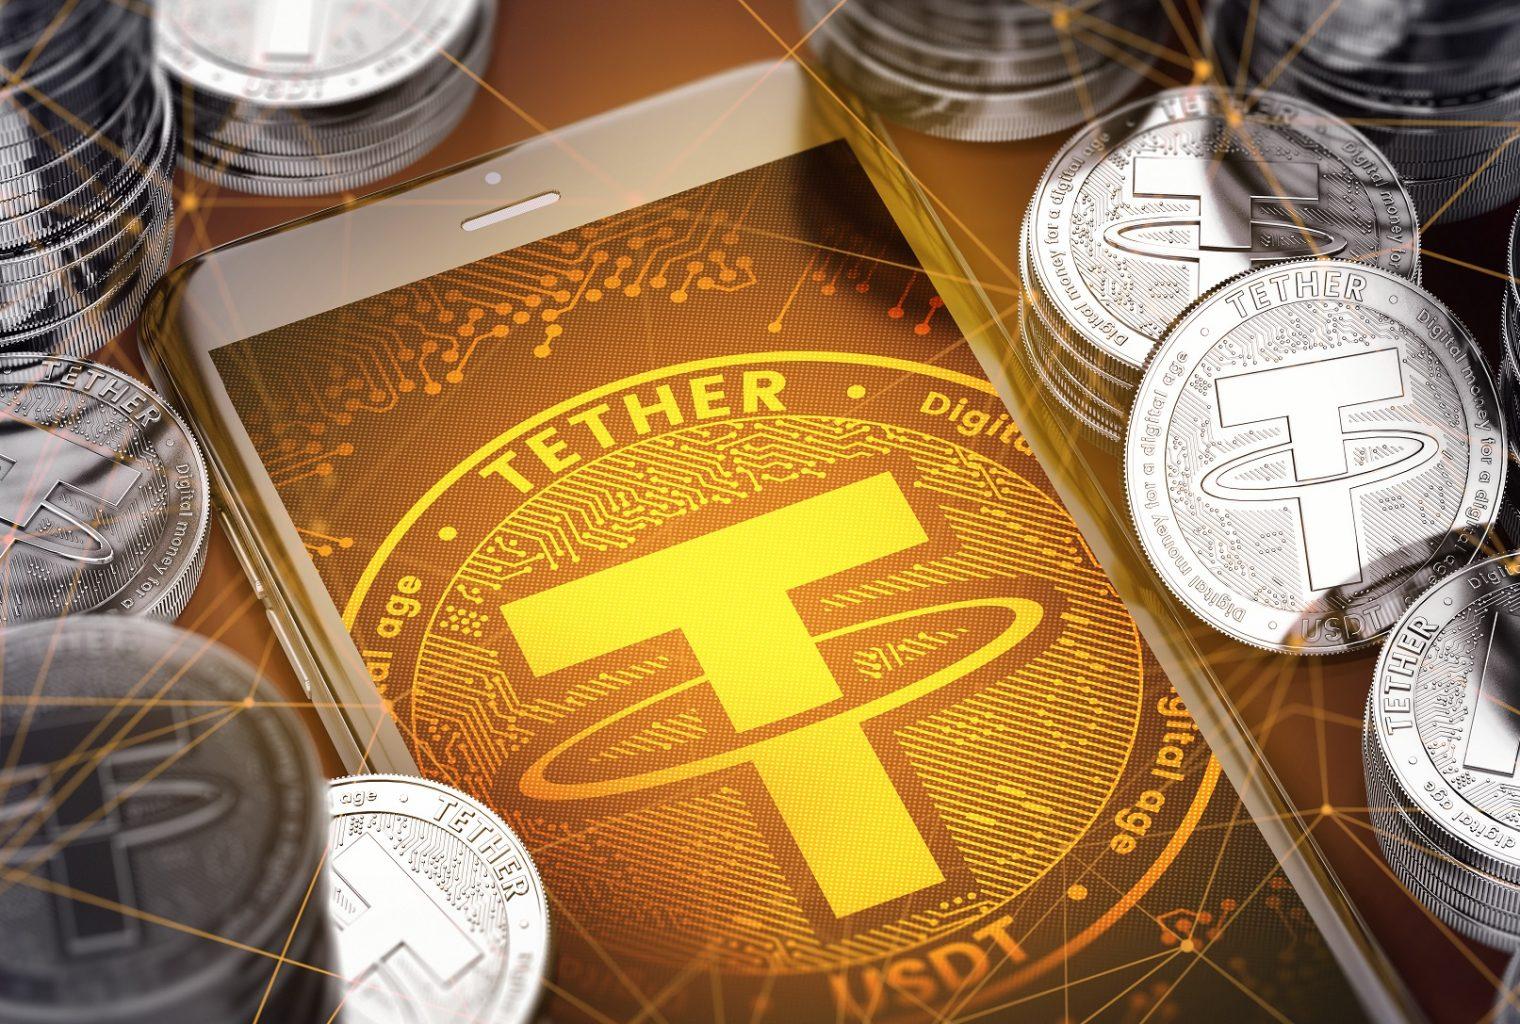 104 direcciones tienen el 70% de Tether, revela la investigación